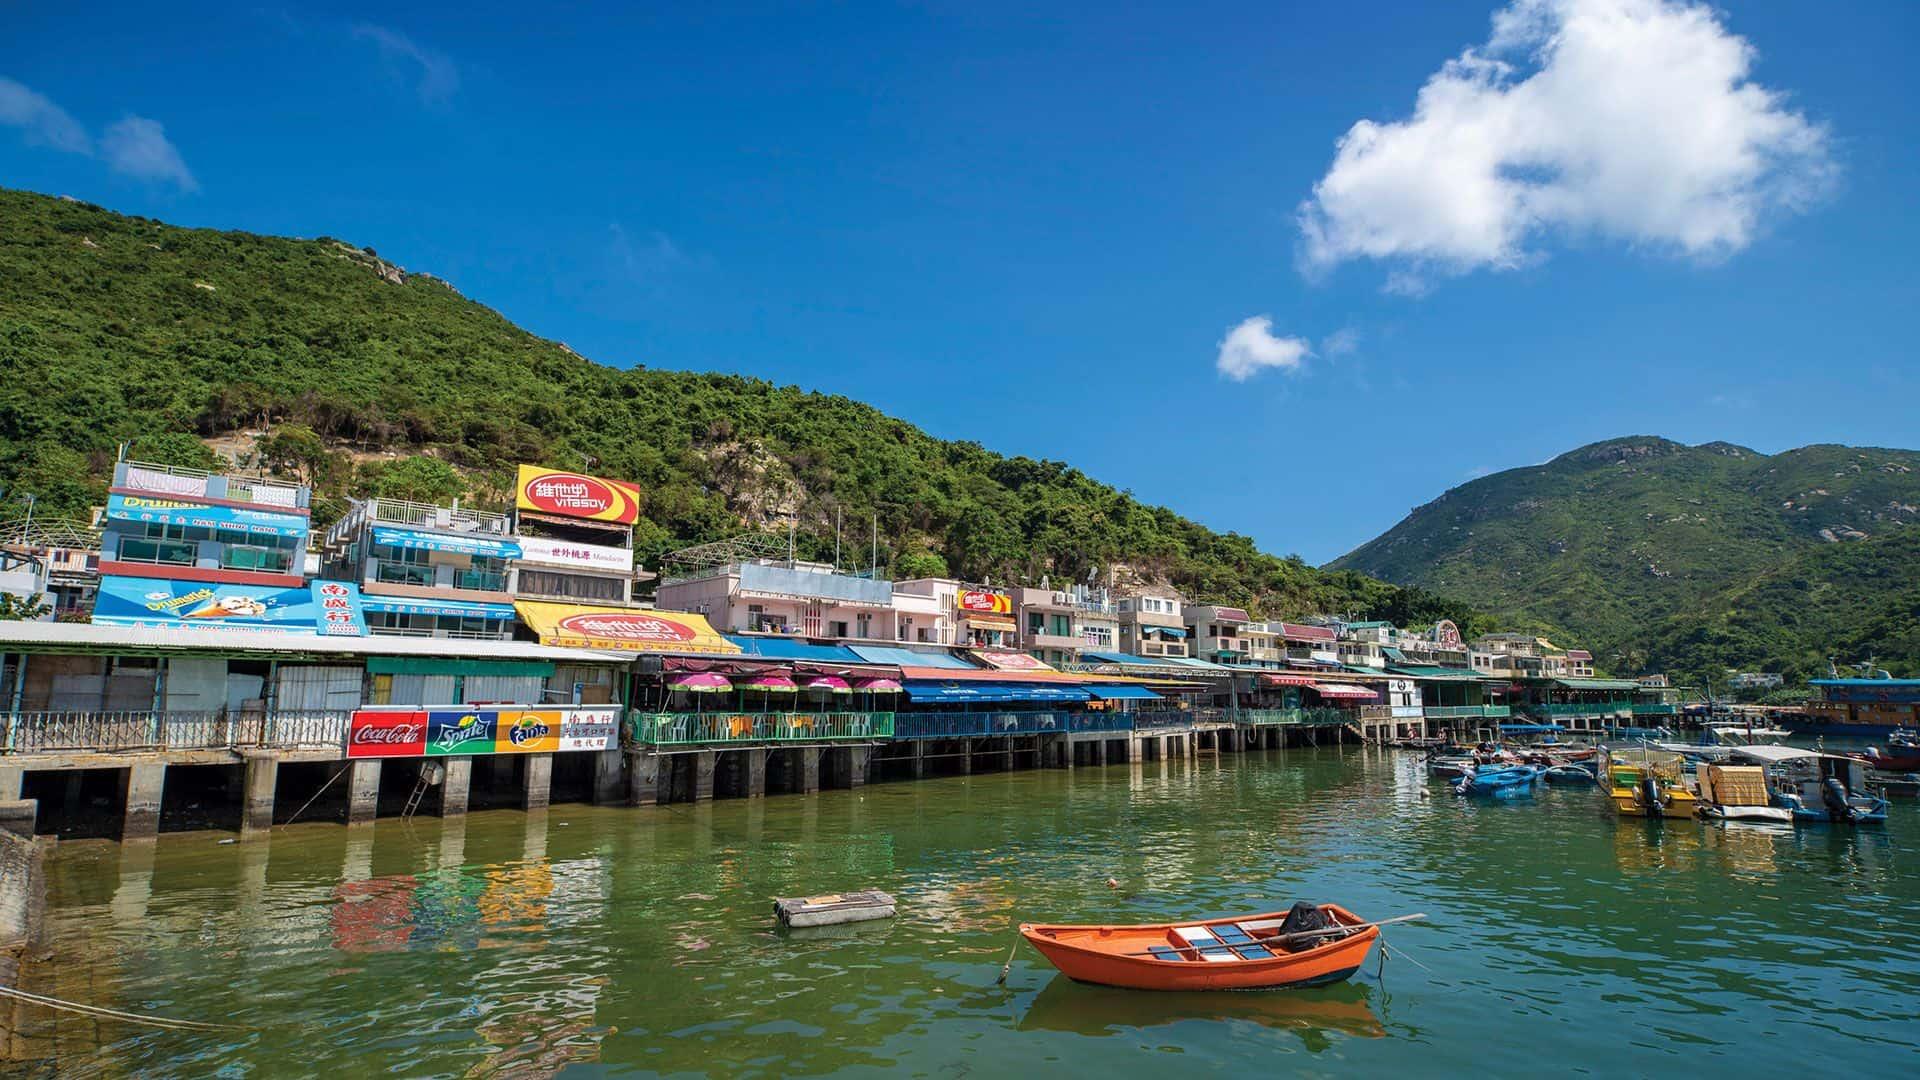 Lamma Island Hong Kong Tourism Board